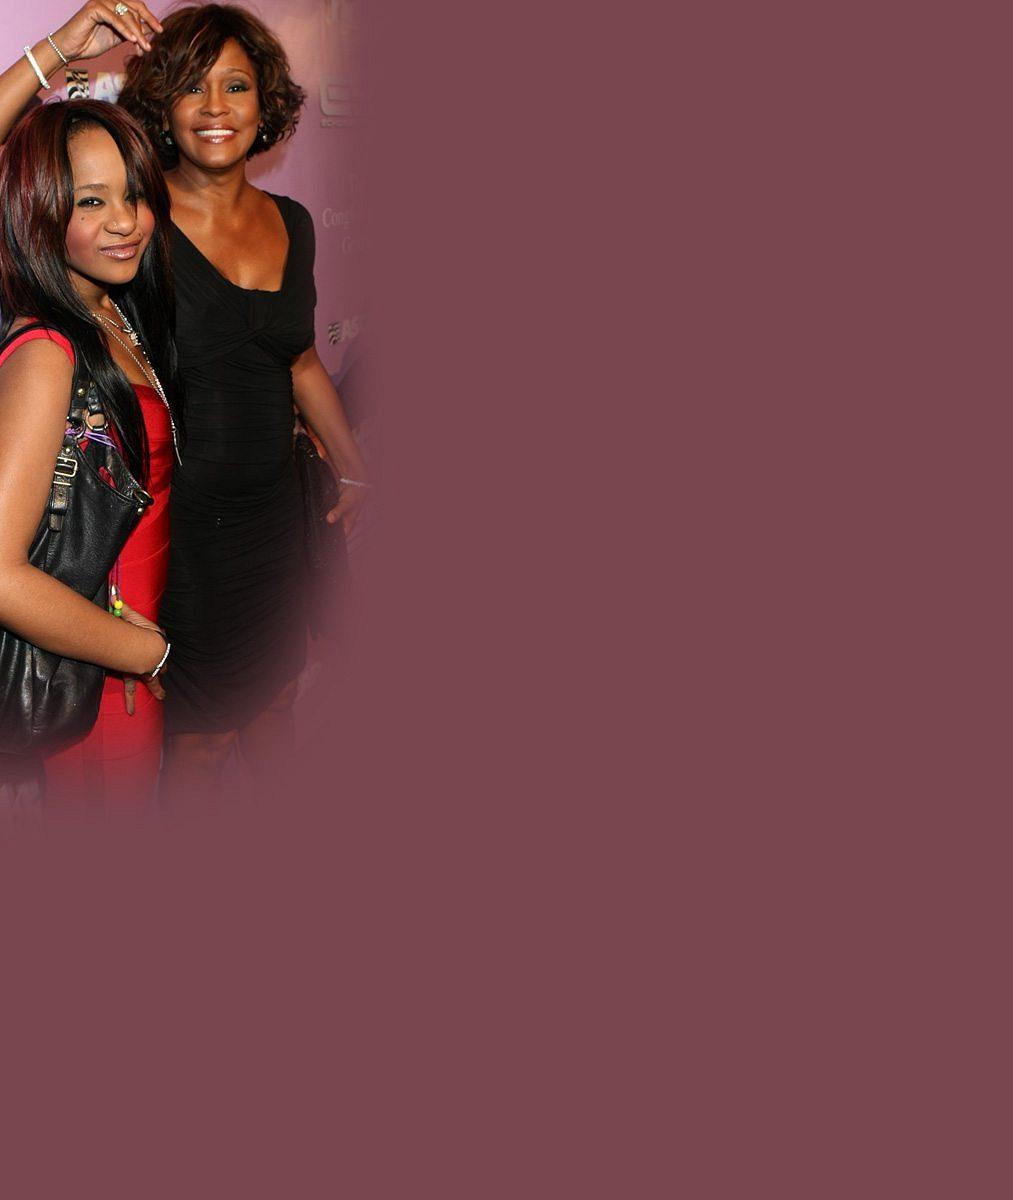 Už je opět smaminkou: 5fotek Whitney Houston (✝48) adcery (✝22), která následovala její tragický osud